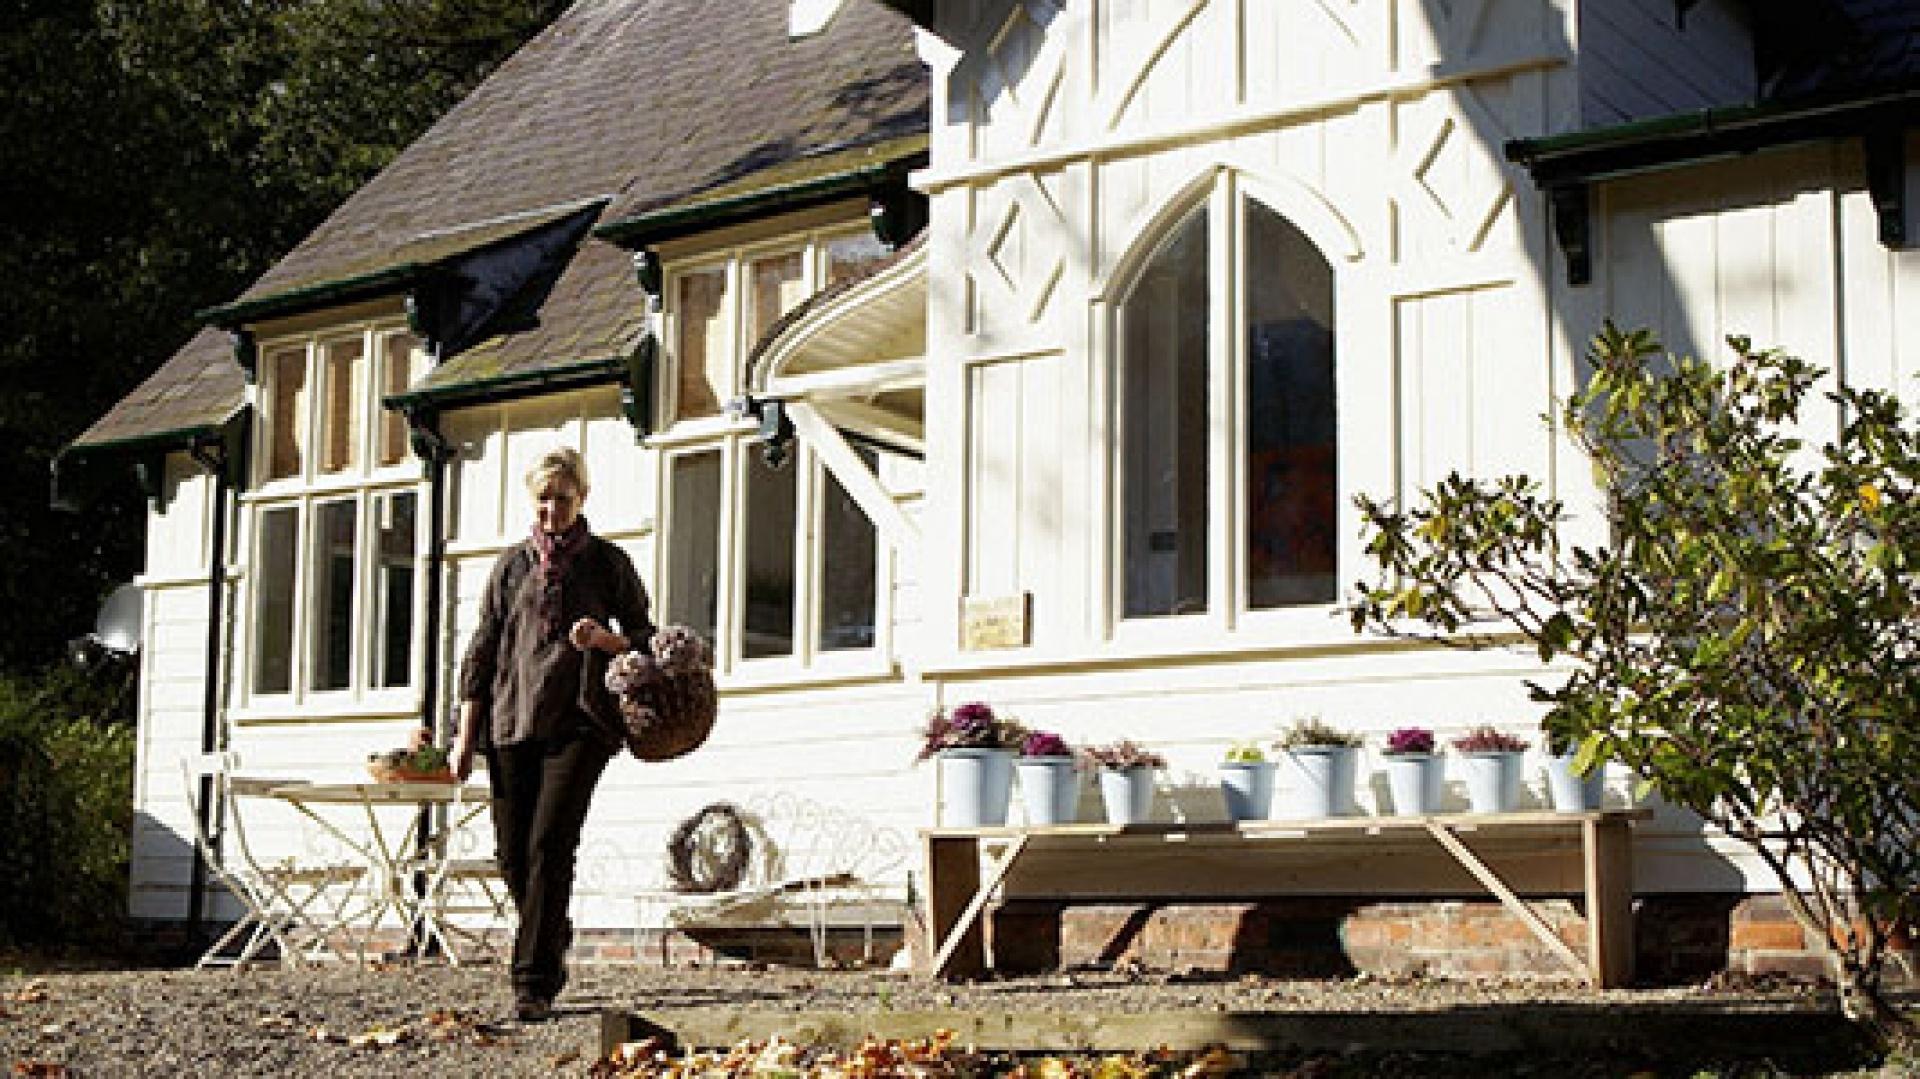 Dom Lizzie i Grahama to dawna szkoła w stylu edwardiańskim, położona w lasach parku narodowego North York Moors, niedaleko angielskiego Whitby. Fot. Brent Darby/Narratives.